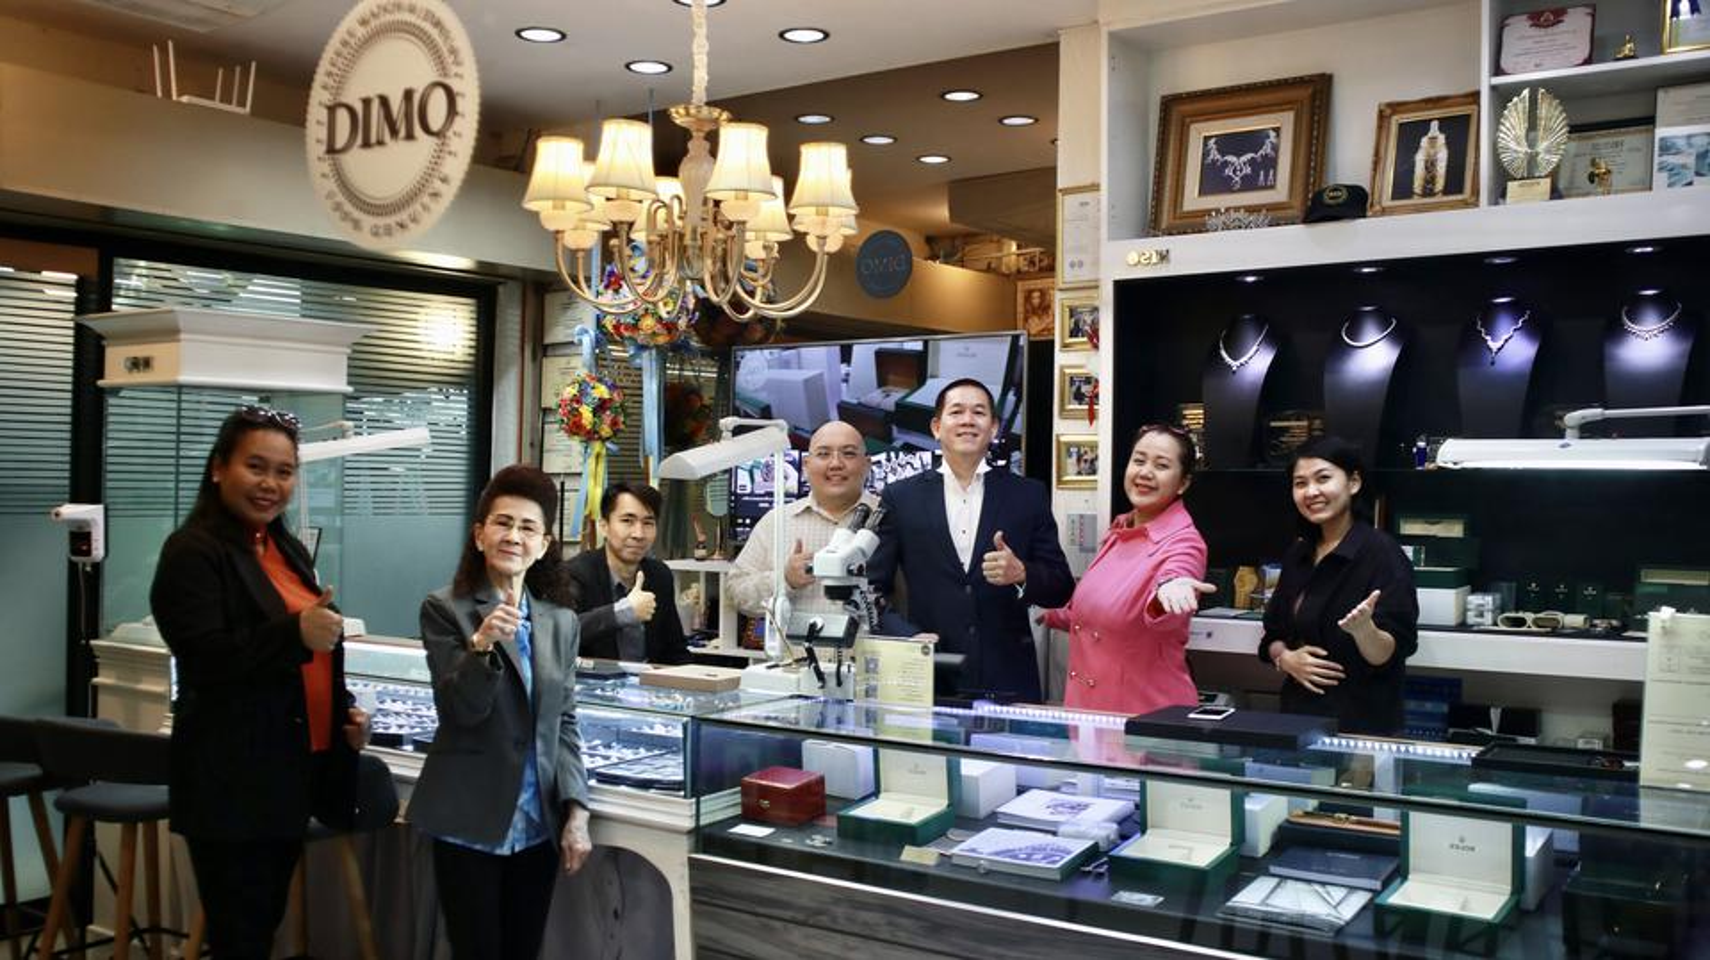 DIMO รับฝากขาย รับซื้อนาฬิกาแบรนด์เนมมือสองของแท้ ราคายุติธรรม รูปที่ 1